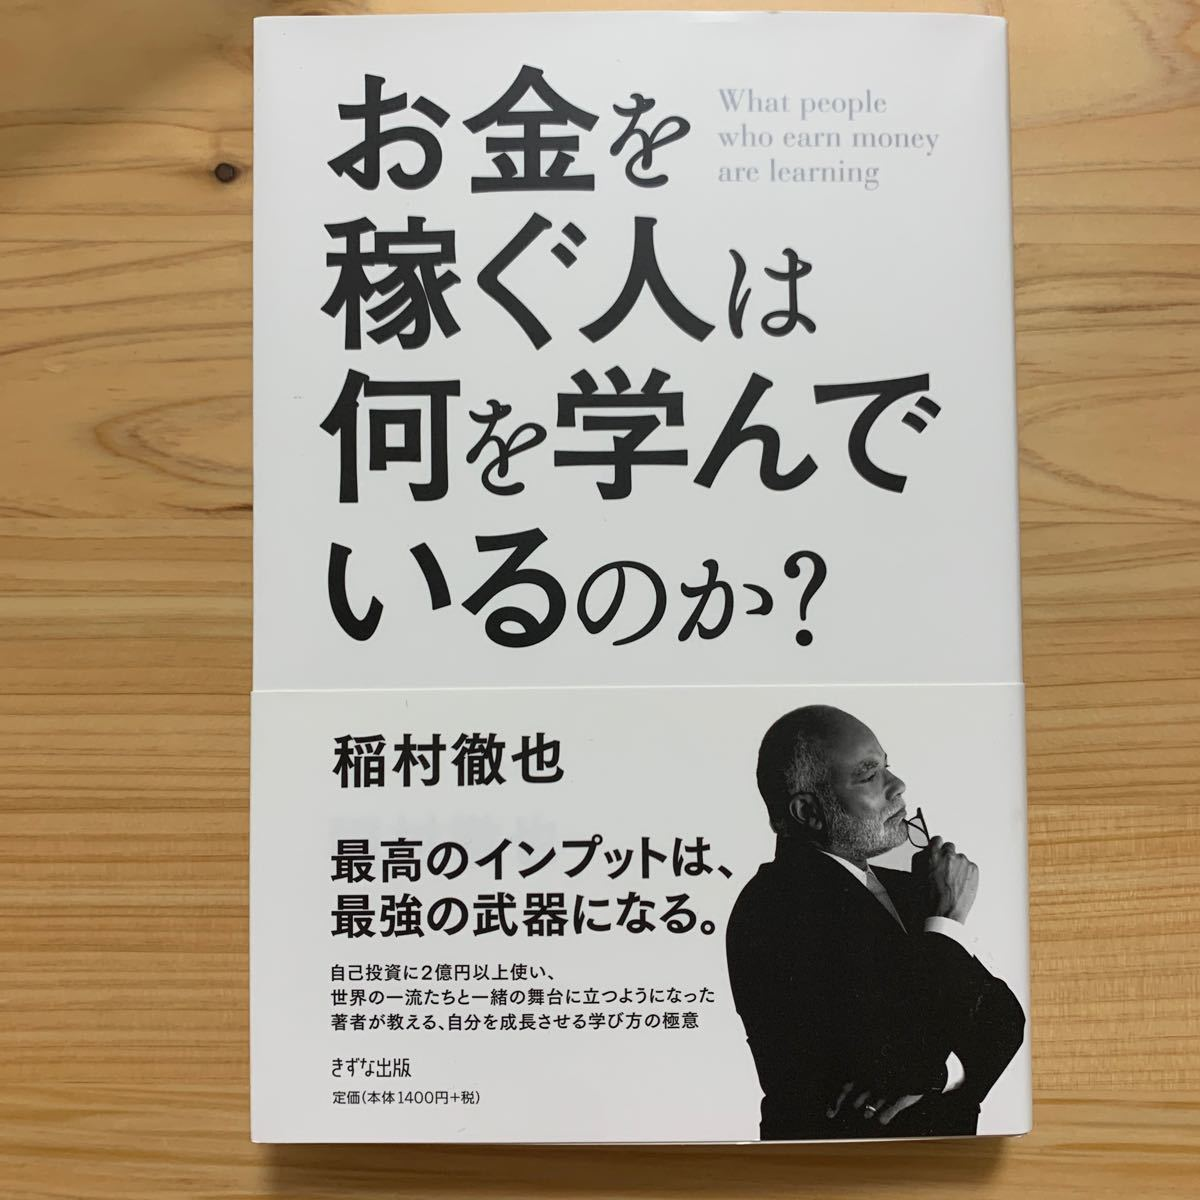 お金を稼ぐ人は何を学んでいるのか?稲村徹也 / 出版社-きずな出版